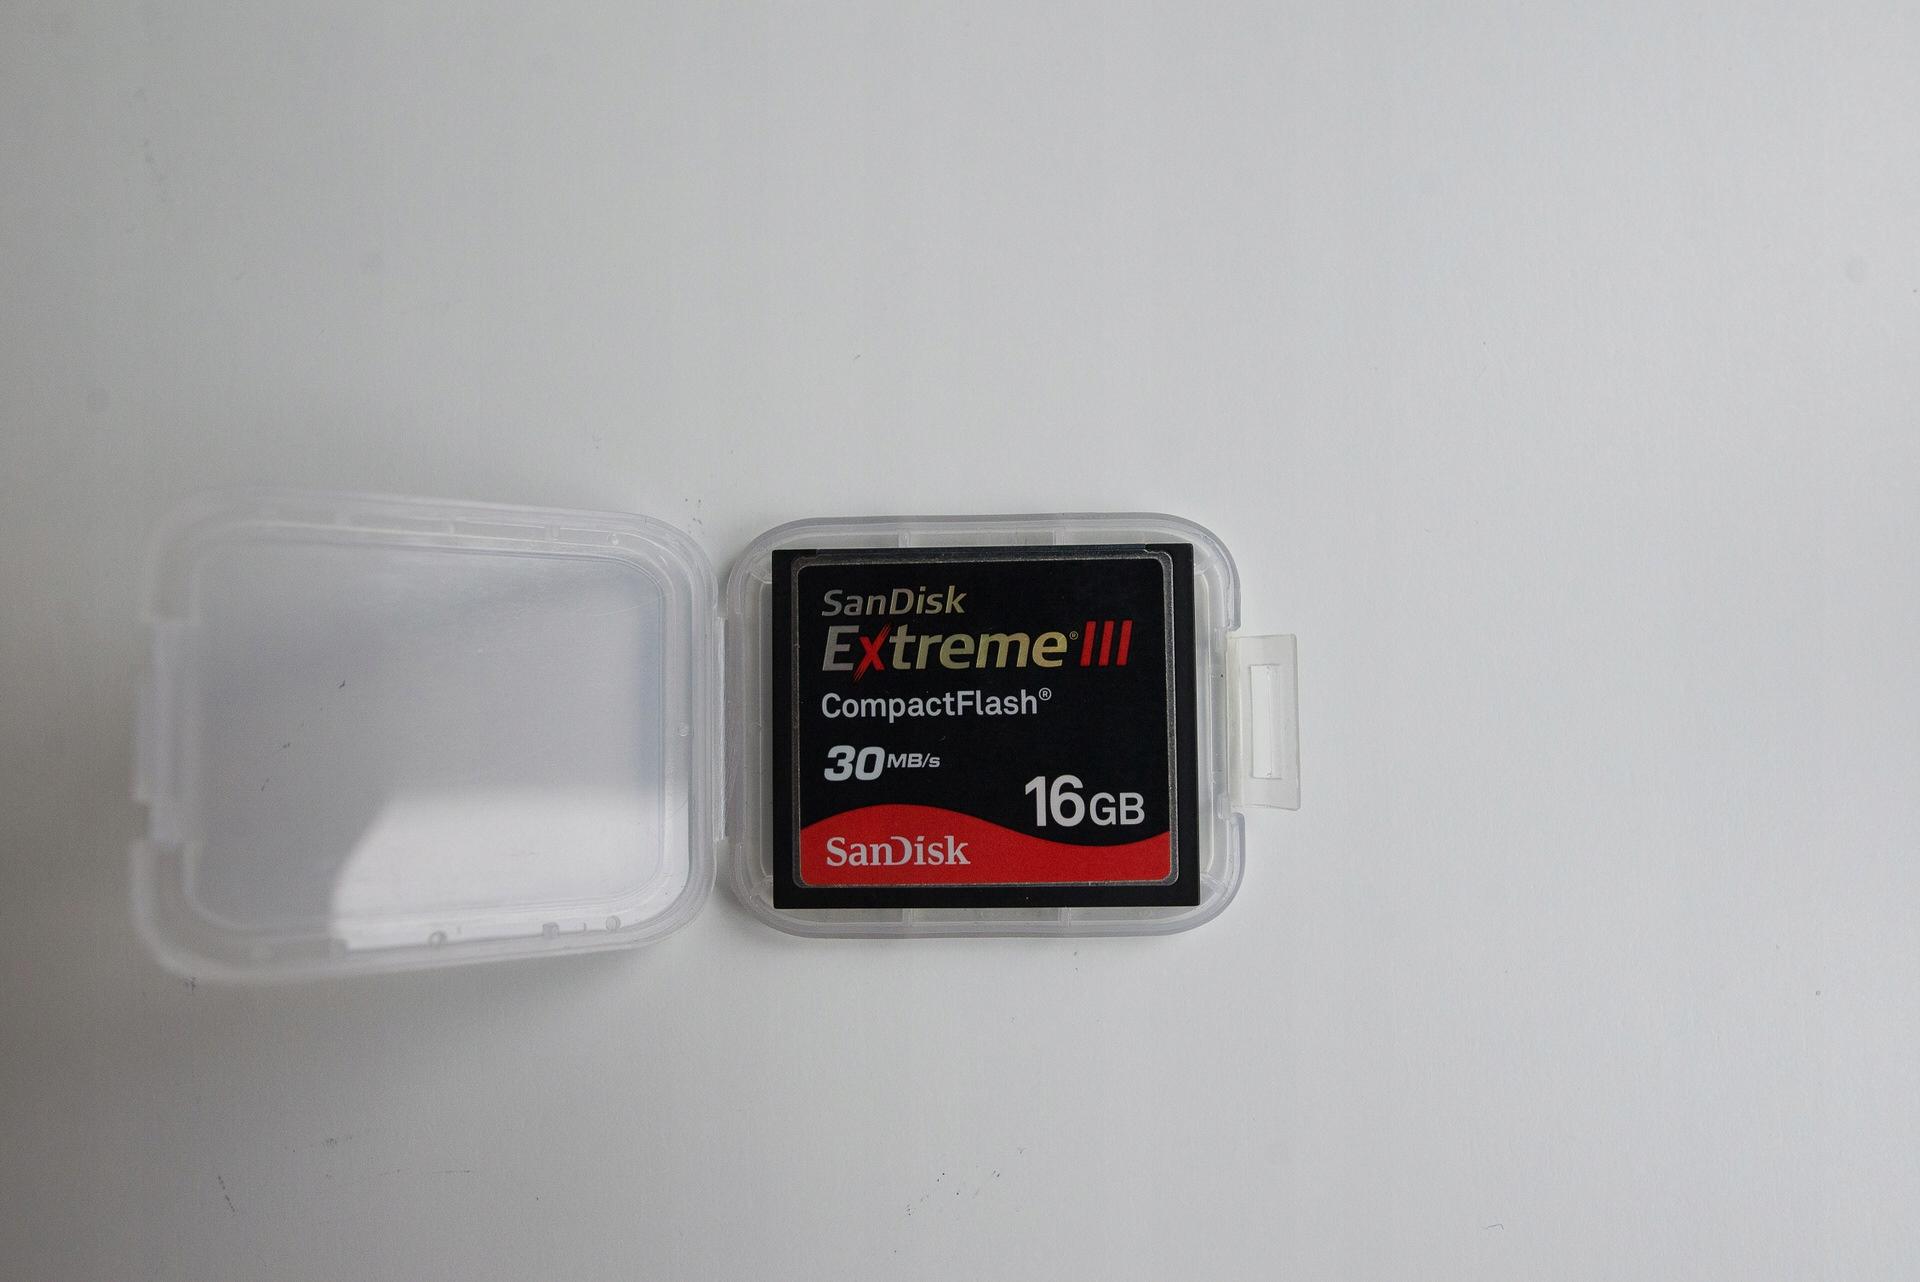 SanDisk Extreme III 16GB 30mb/s